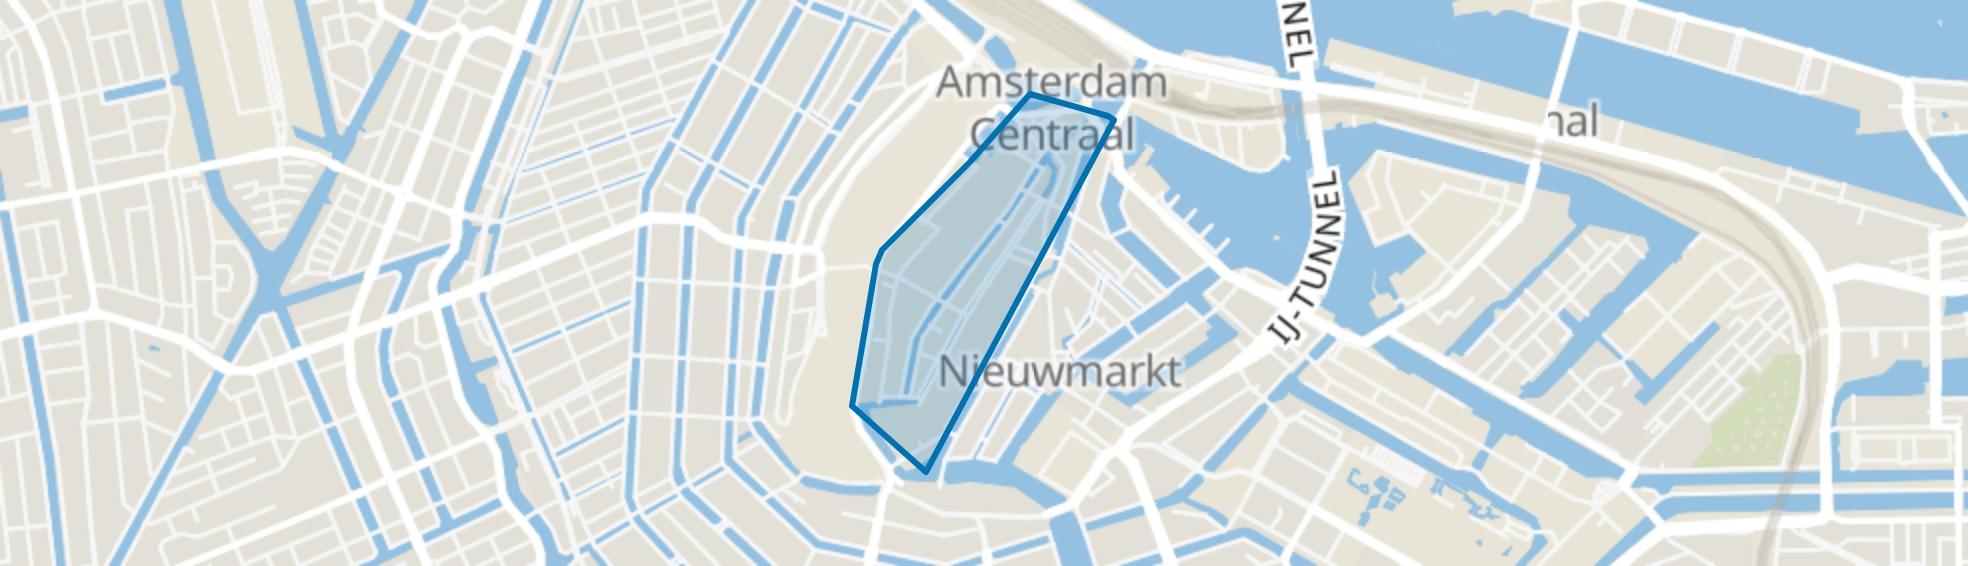 Burgwallen-Oude Zijde, Amsterdam map